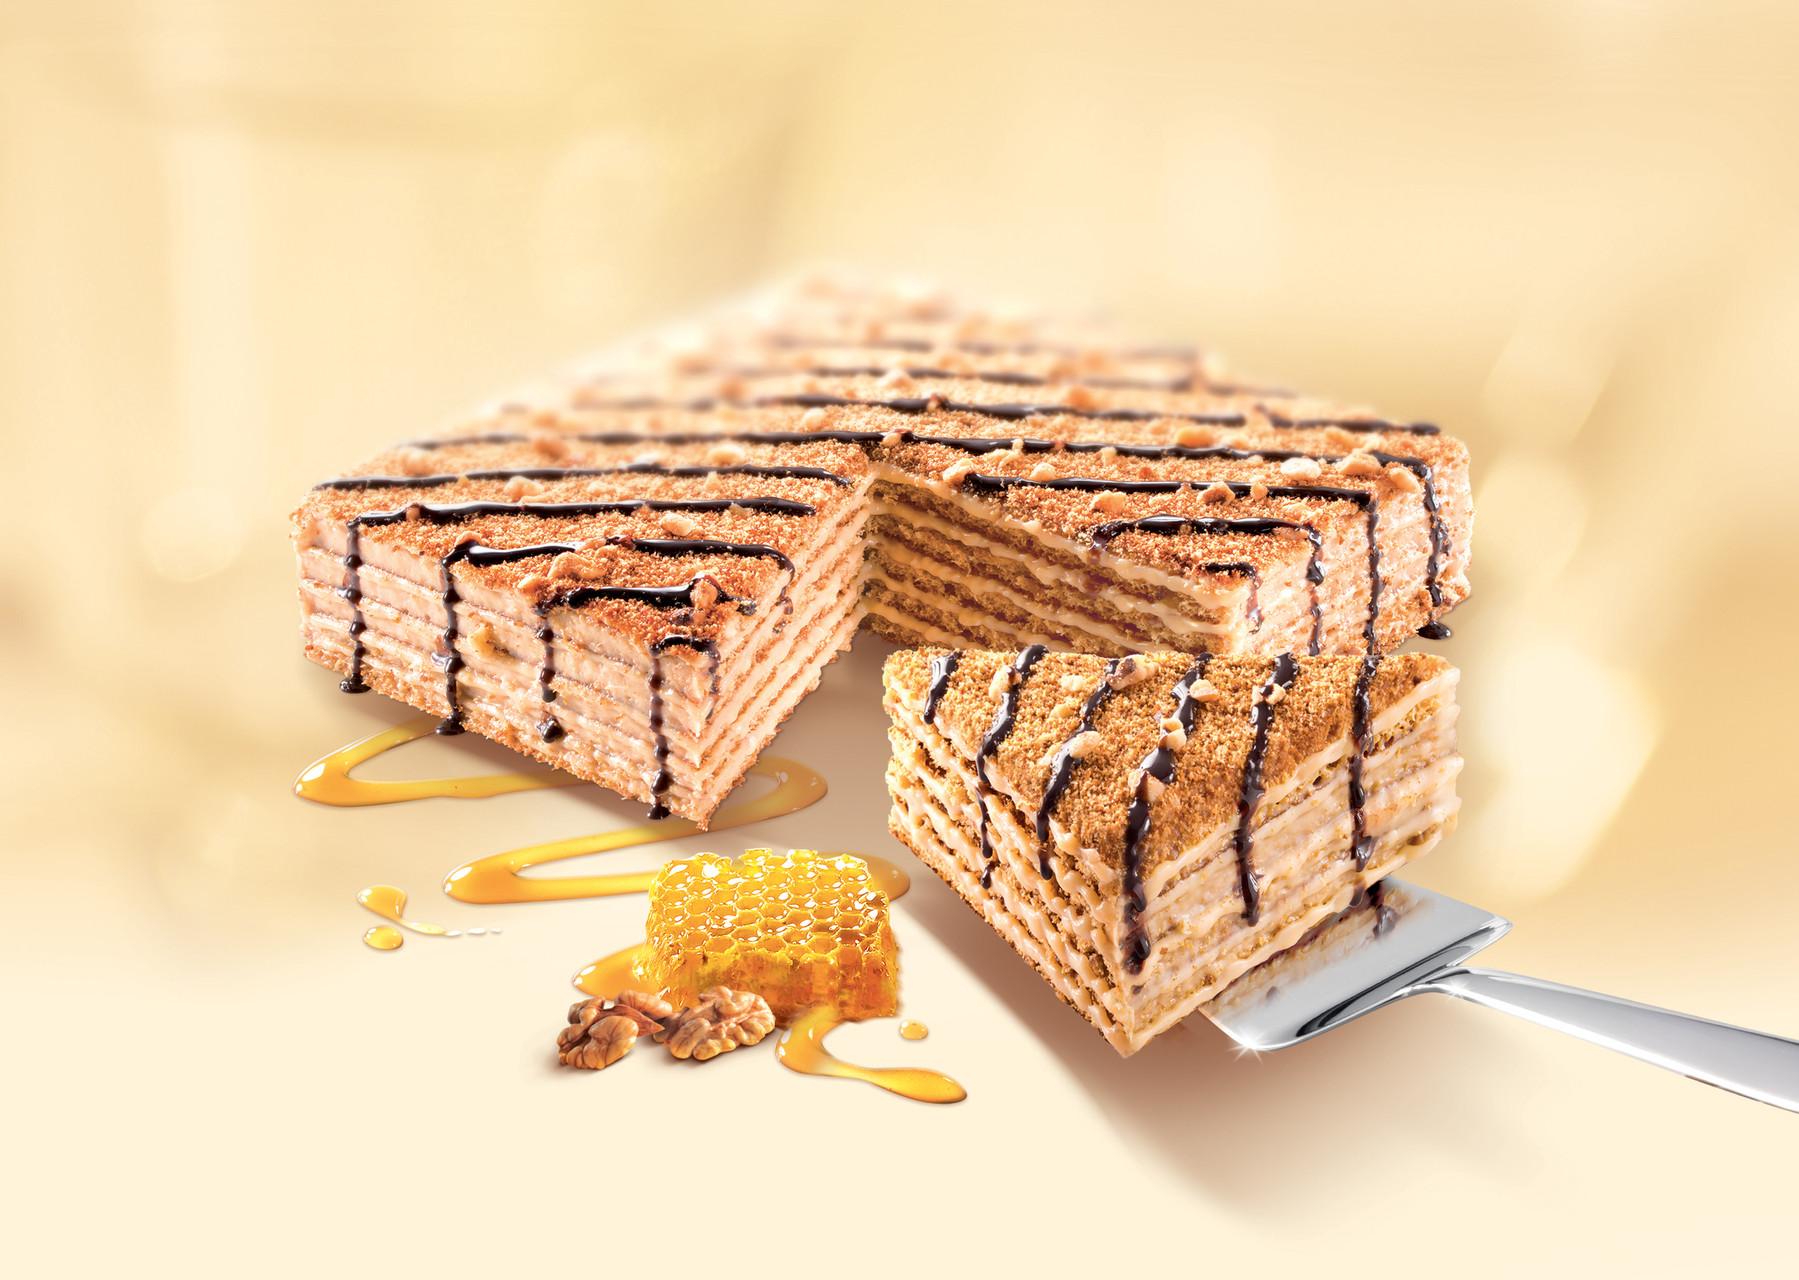 MARLENKA Honigtorte mit Nüssen